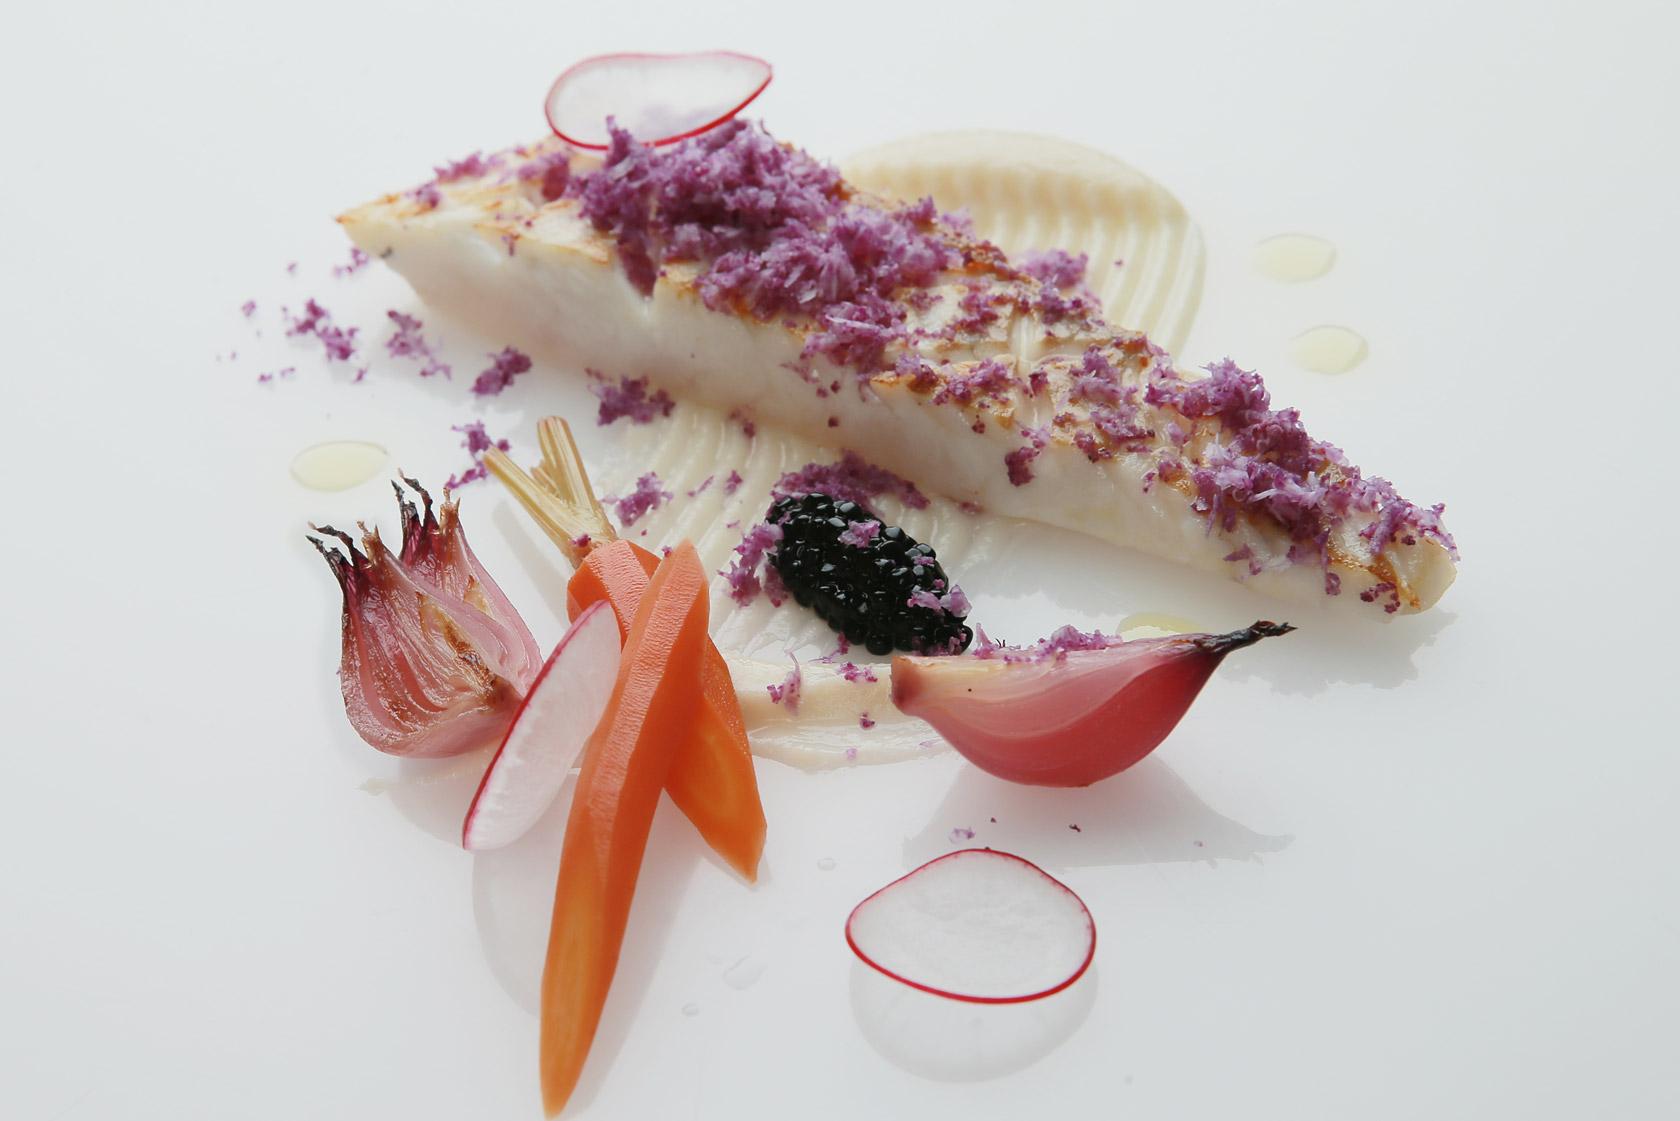 arnolfo_gaetano-trovato-chef-evoluzioni-contemporanee-1